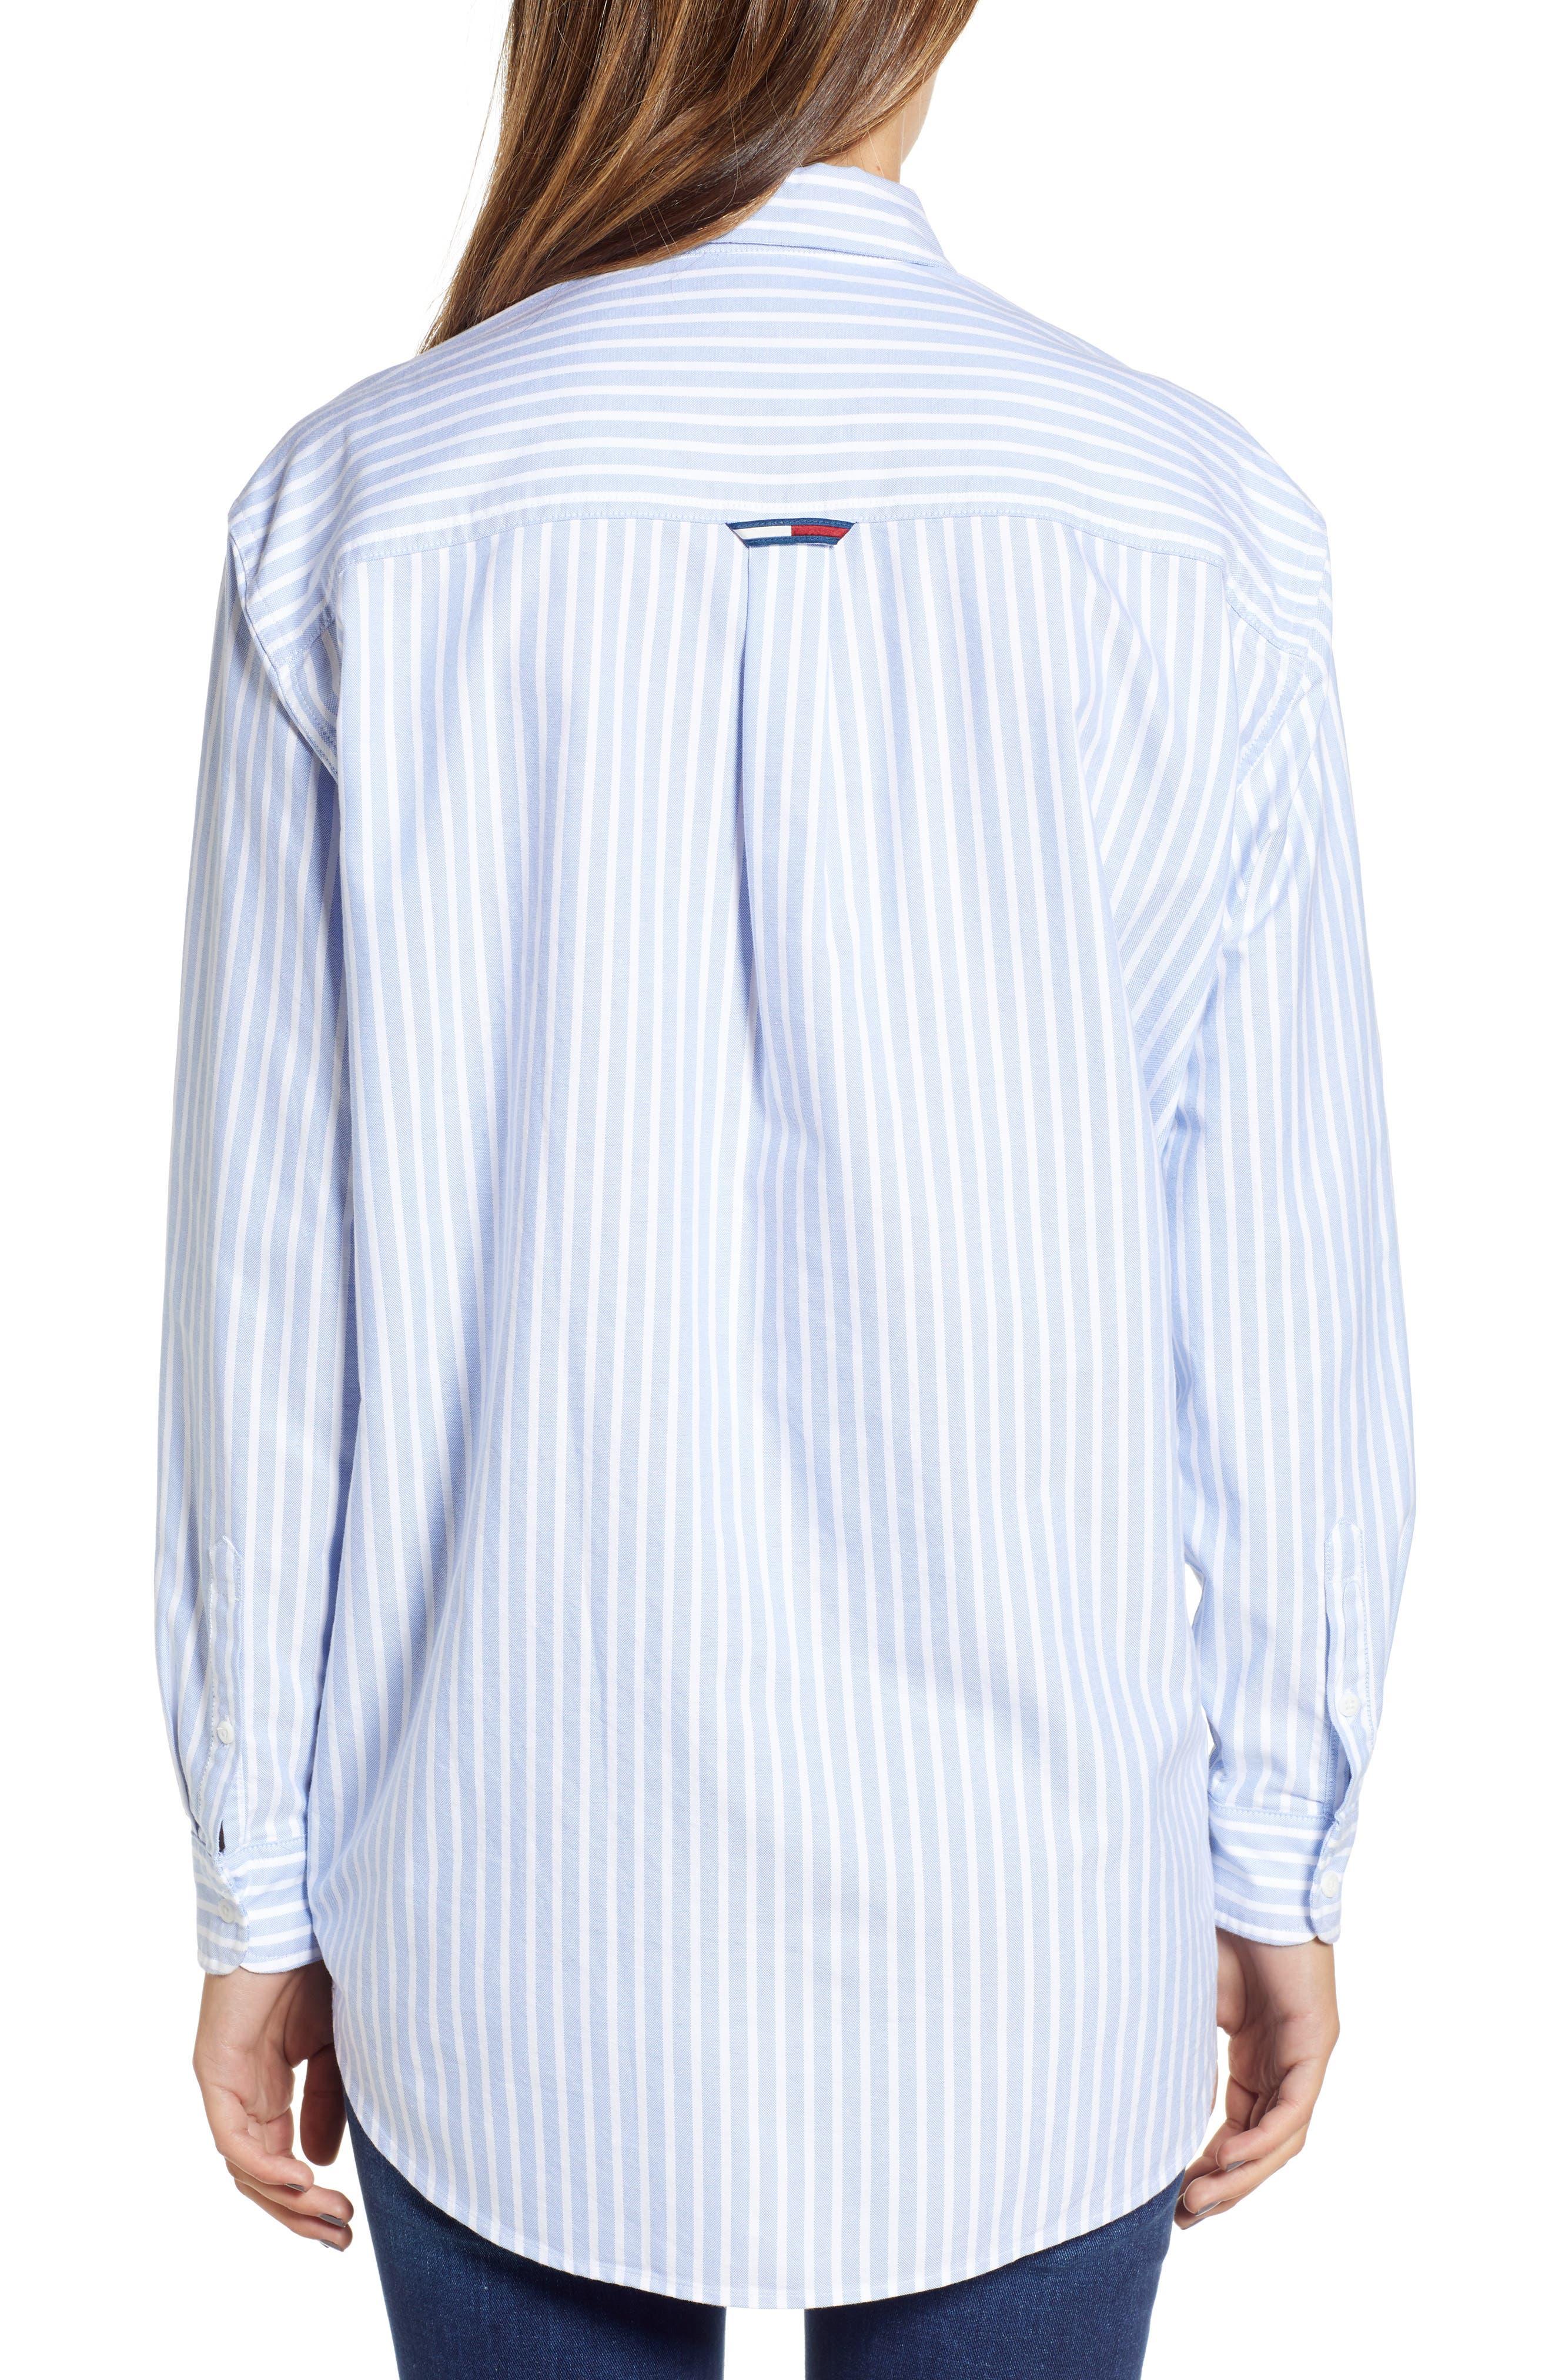 Classics Stripe Shirt,                             Alternate thumbnail 2, color,                             400